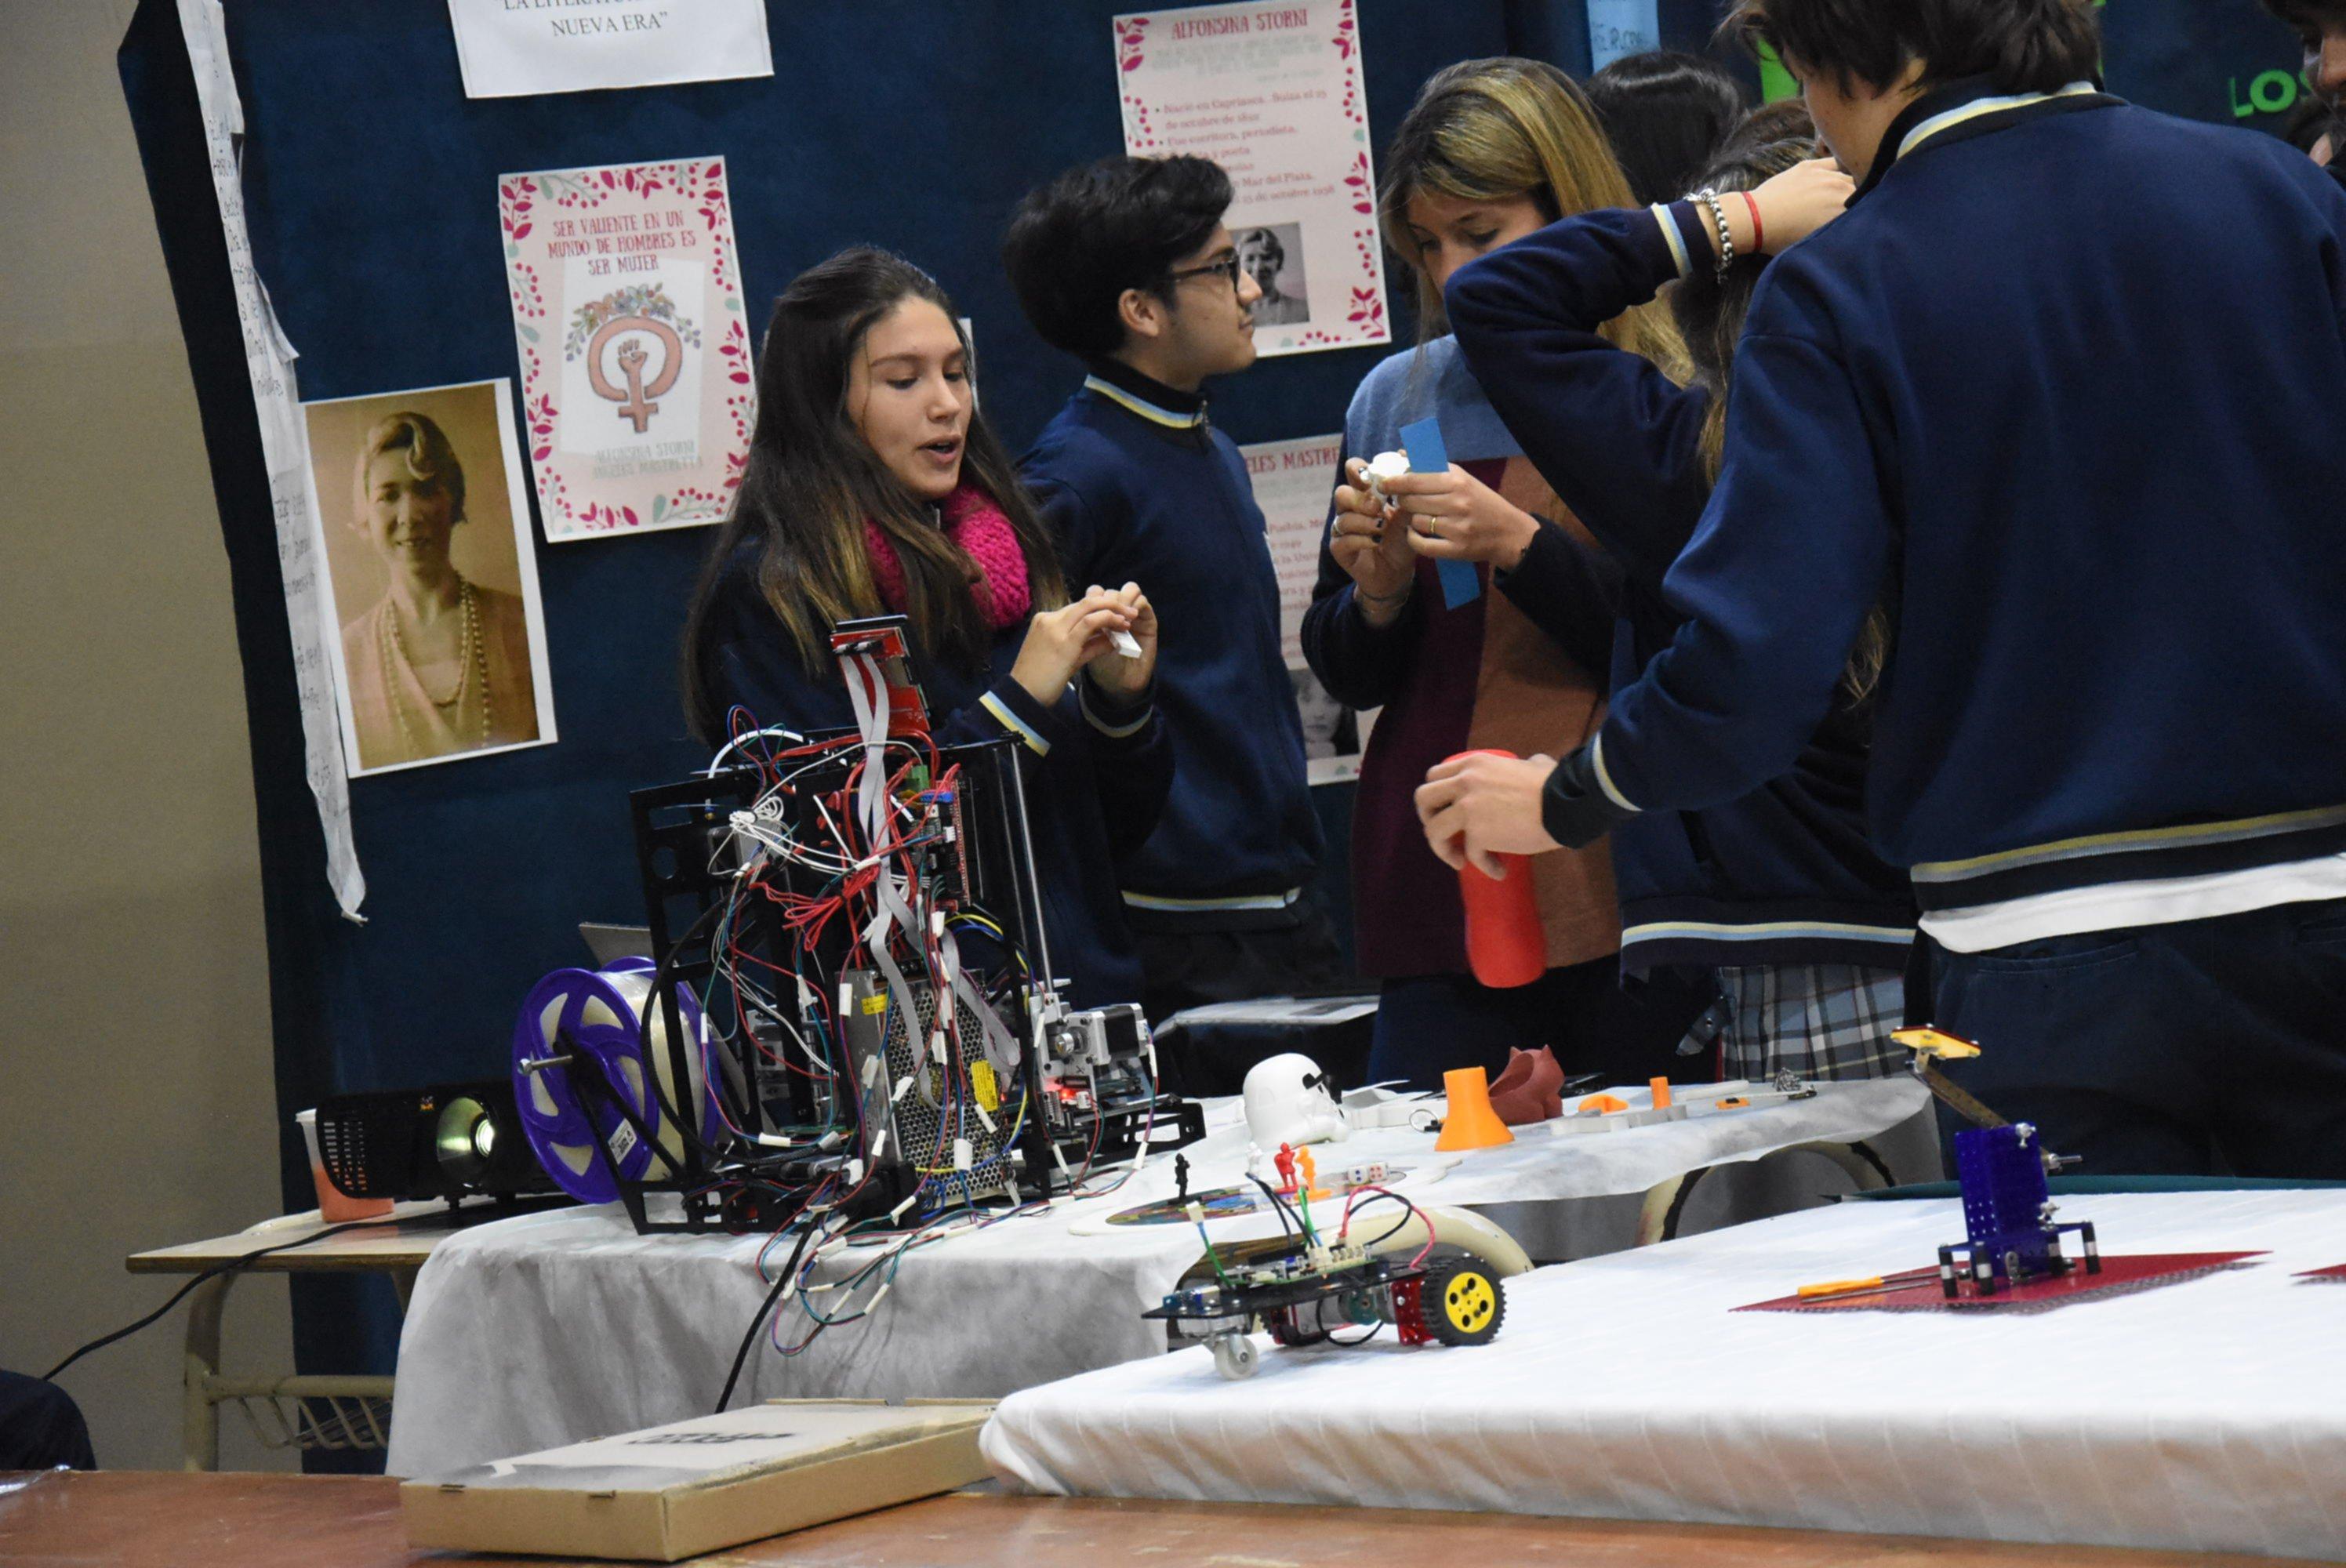 <p>Stands. La robótica y la programación ganan protagonismo en las ferias de ciencia.</p>